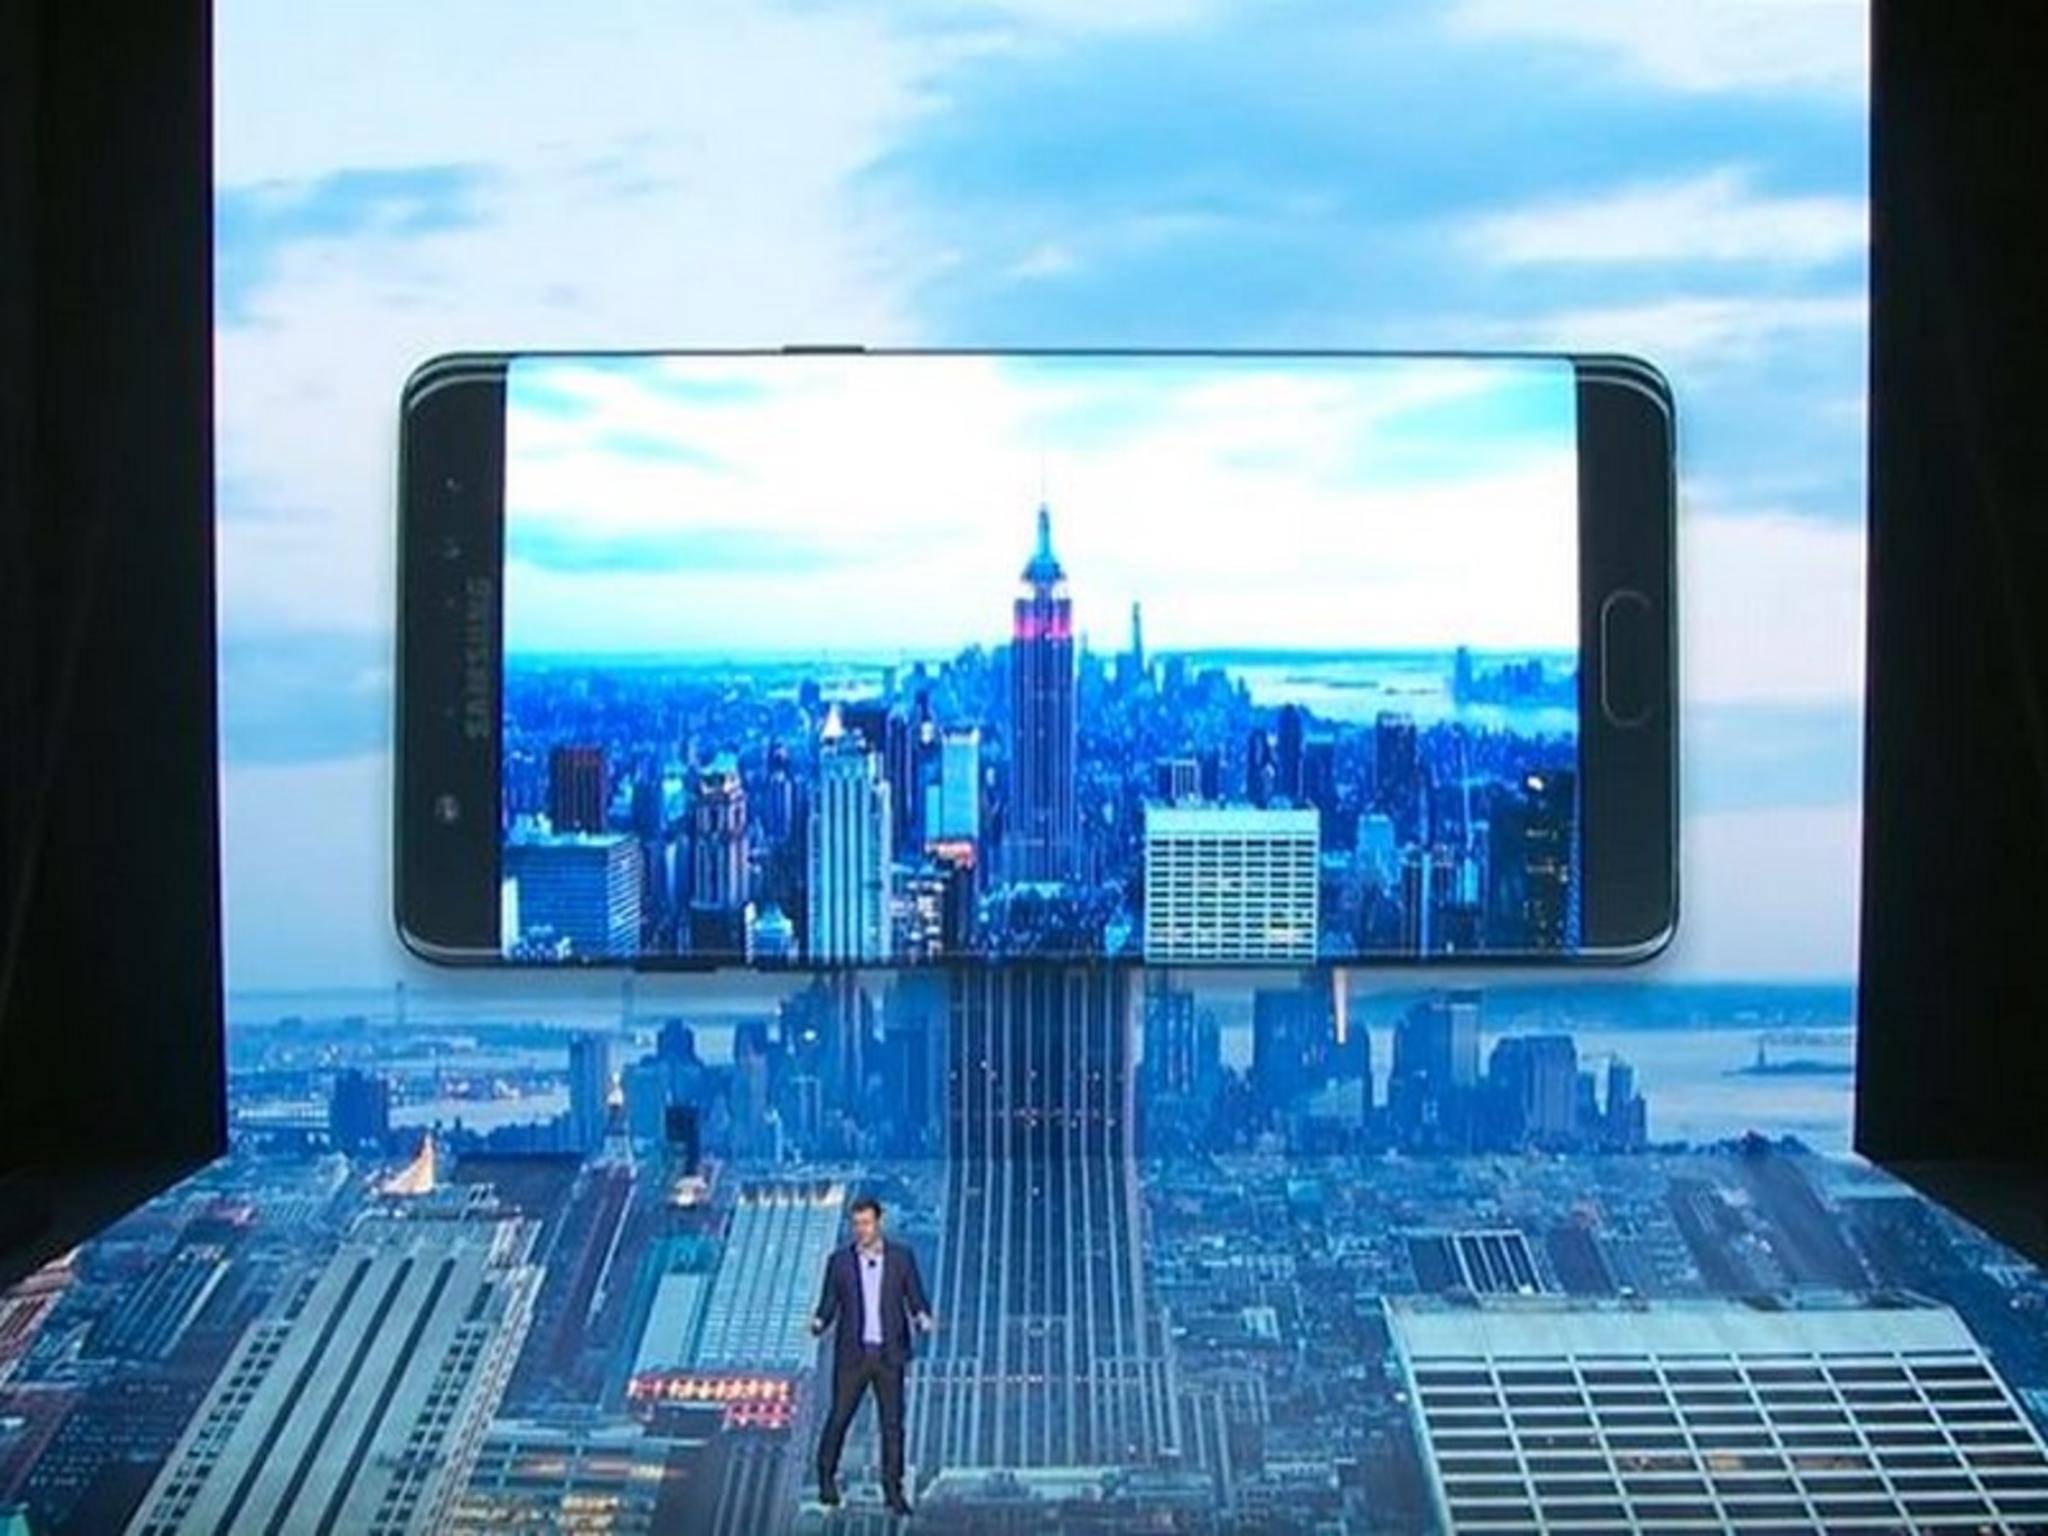 Das Galaxy Note 7 bietet einen HDR-Modus.